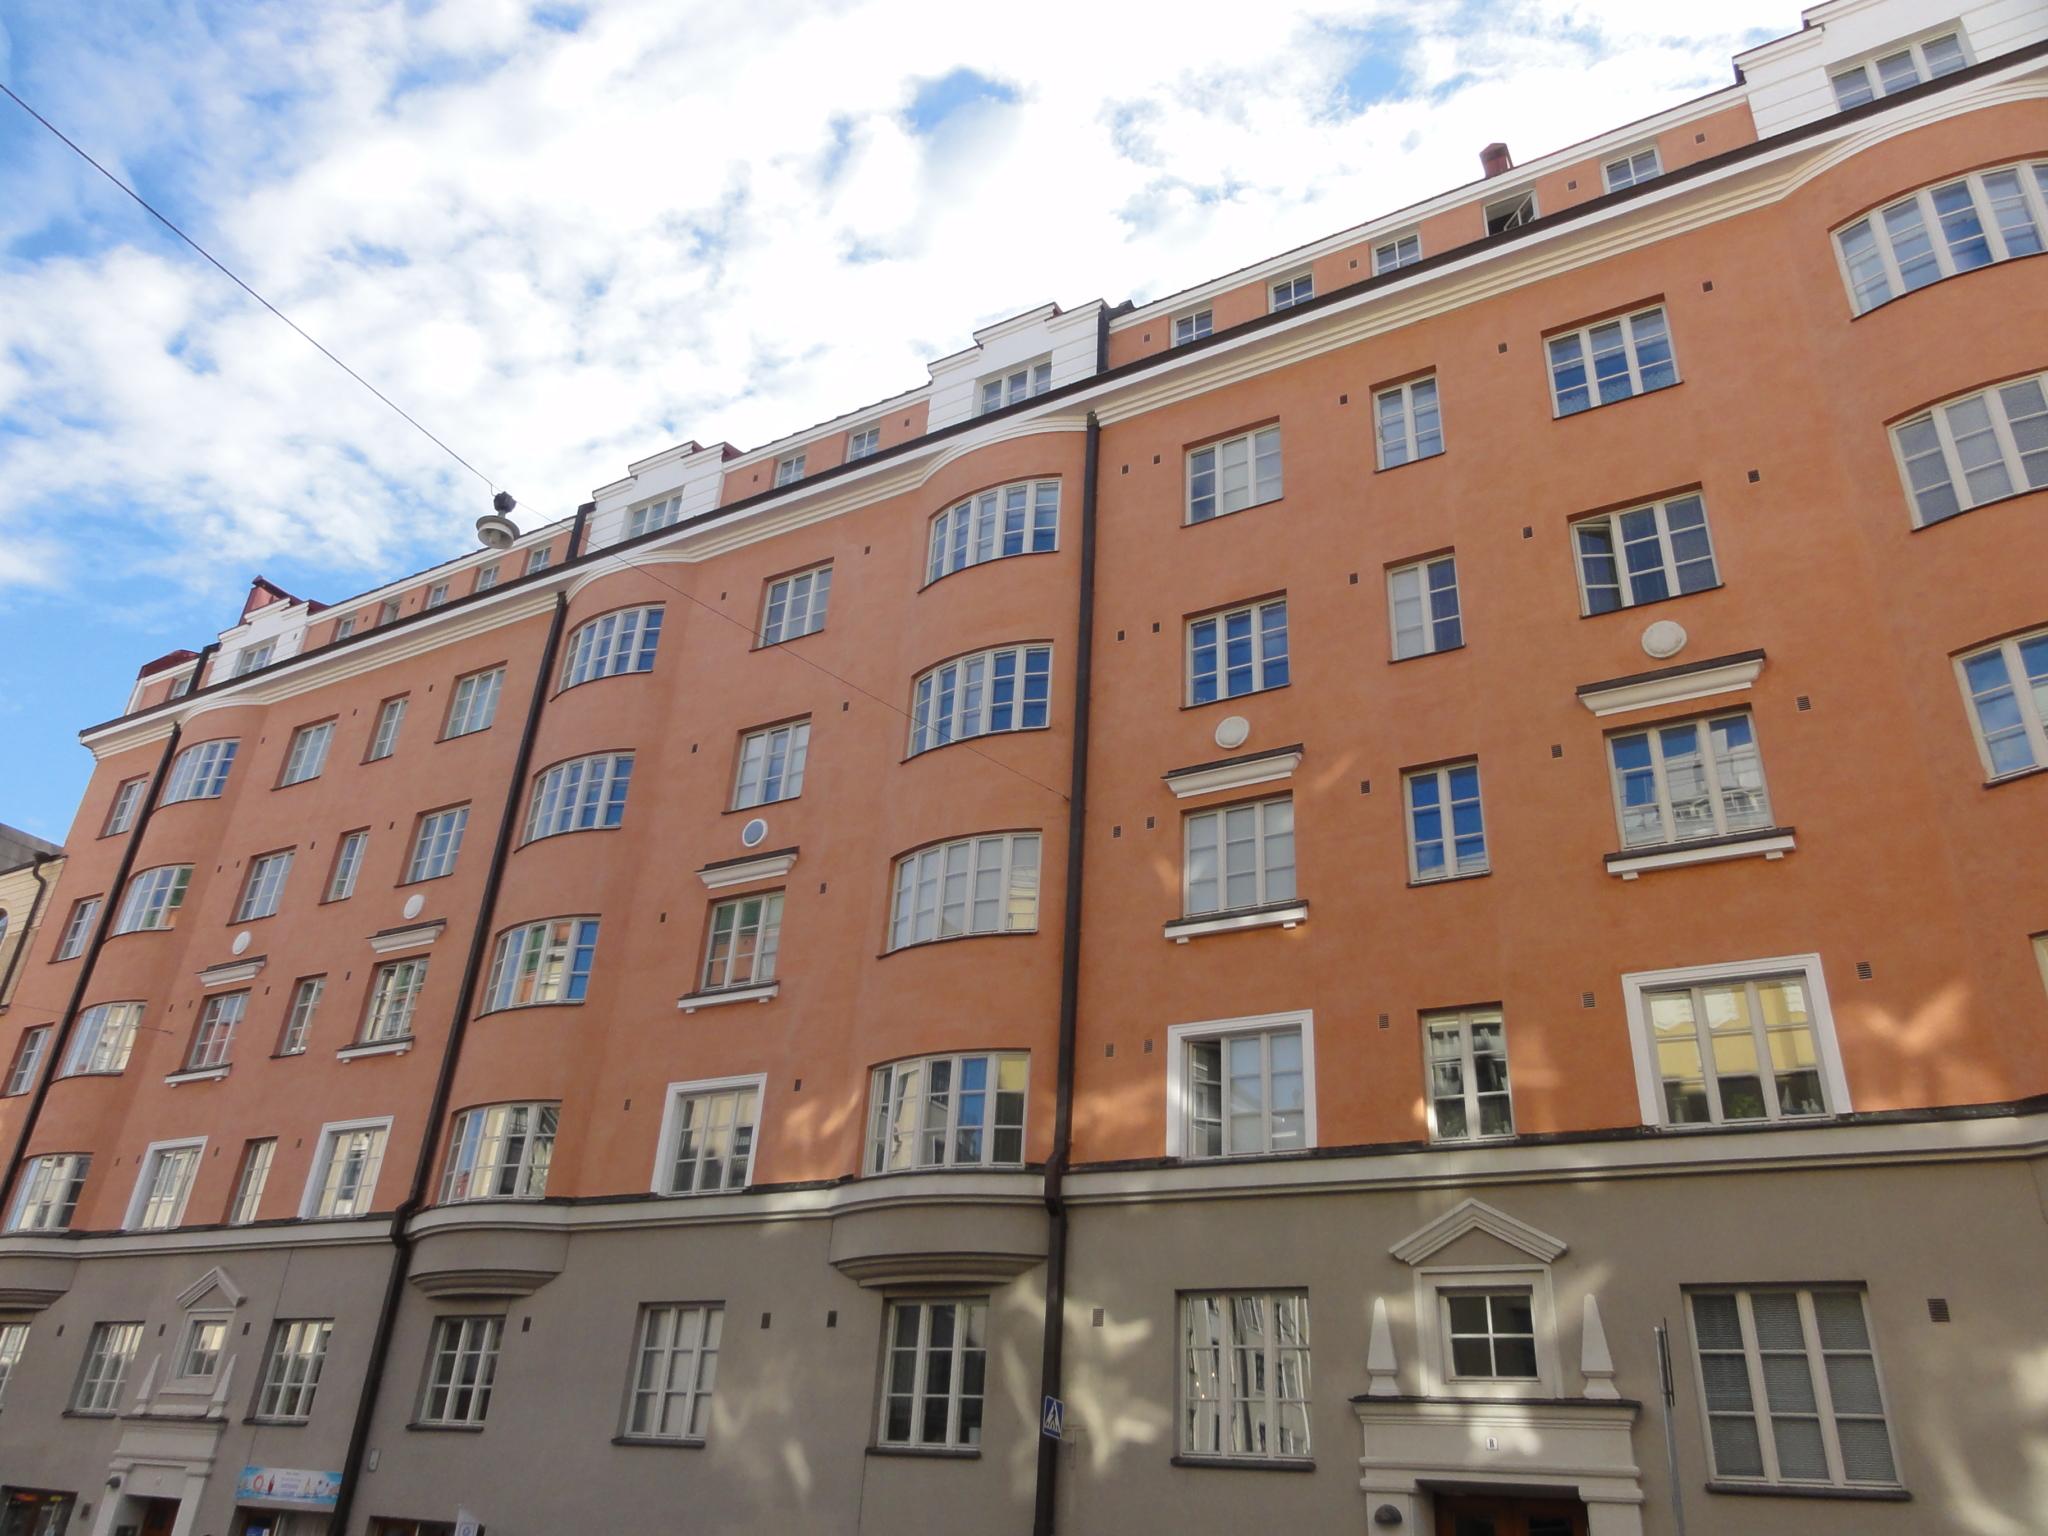 20160817 Helsinki 17